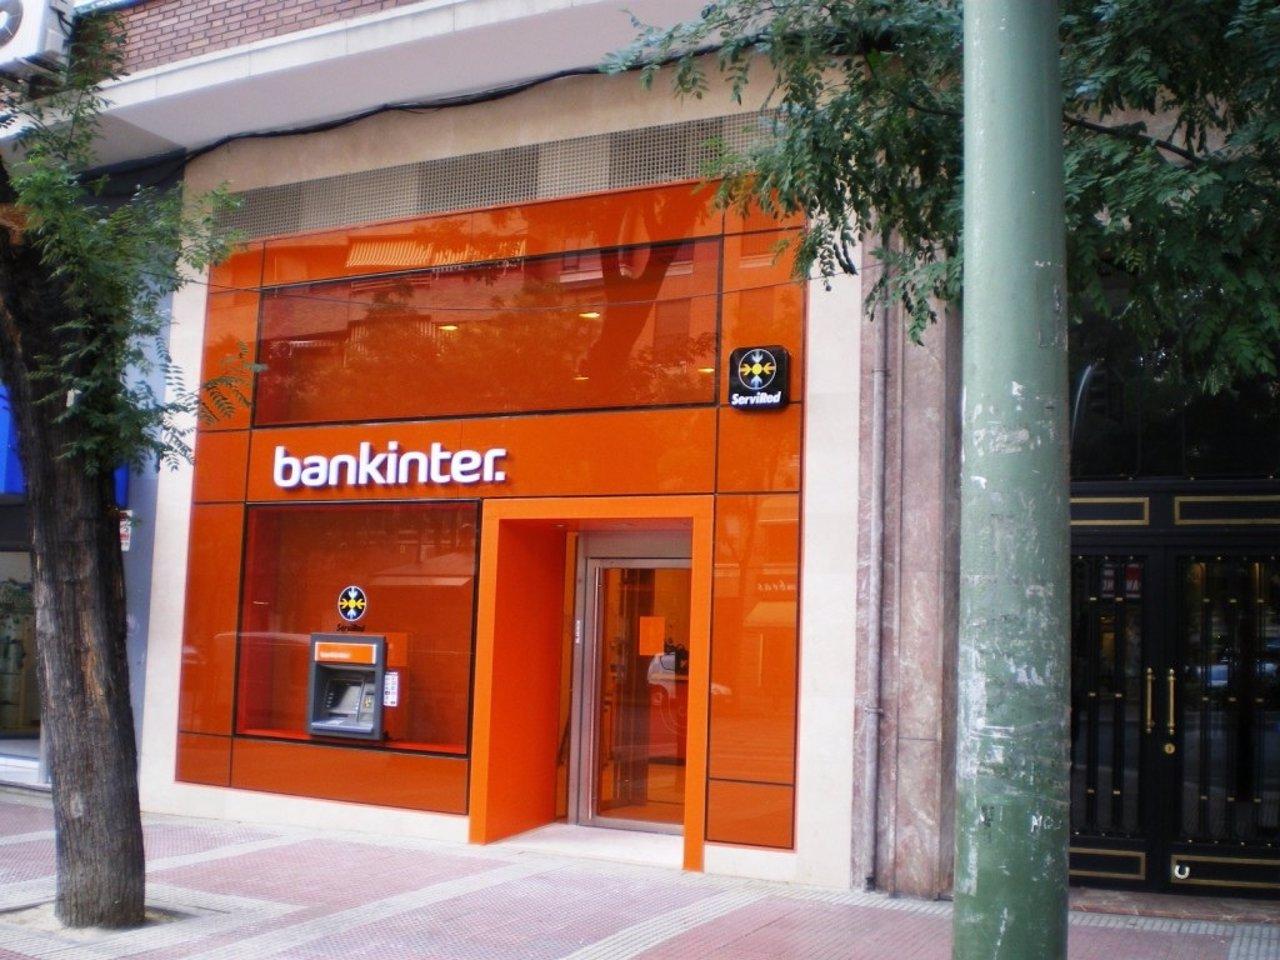 el 63 7 de los poseedores de preferentes de bankinter